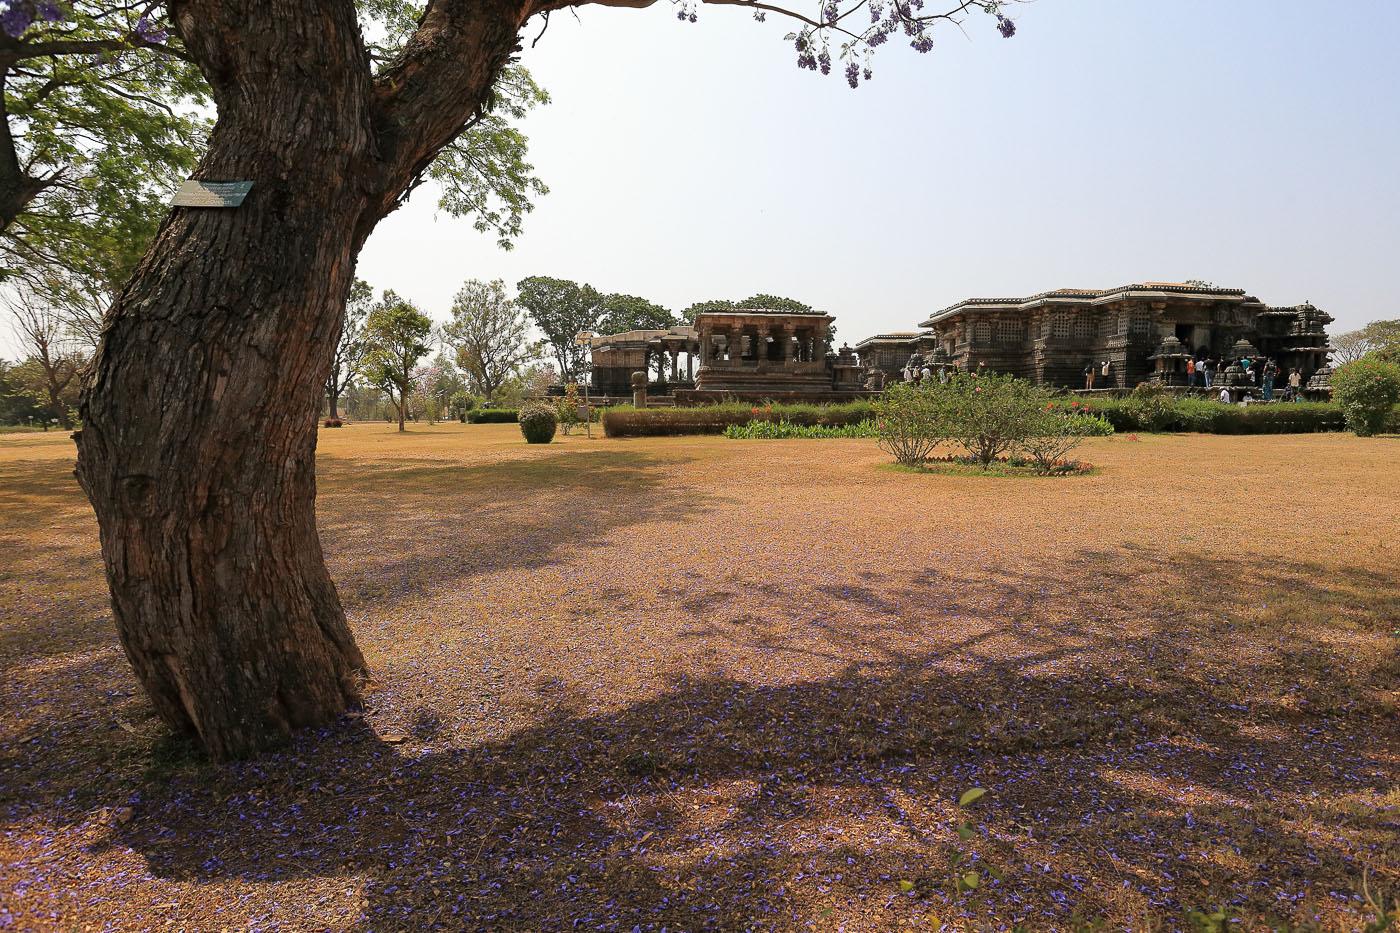 Фотография №2. Храм Hoysaleshwara Temple в городе Халебид. Один из фасадов от фиалкового дерева. Отзывы об отдыхе в Индии в штате Карнатака. Камера Canon EOS 6D, объектив Canon 17-40, параметры съемки: 1/1000, 0 eV, f 6.3, 17 mm, ISO 640